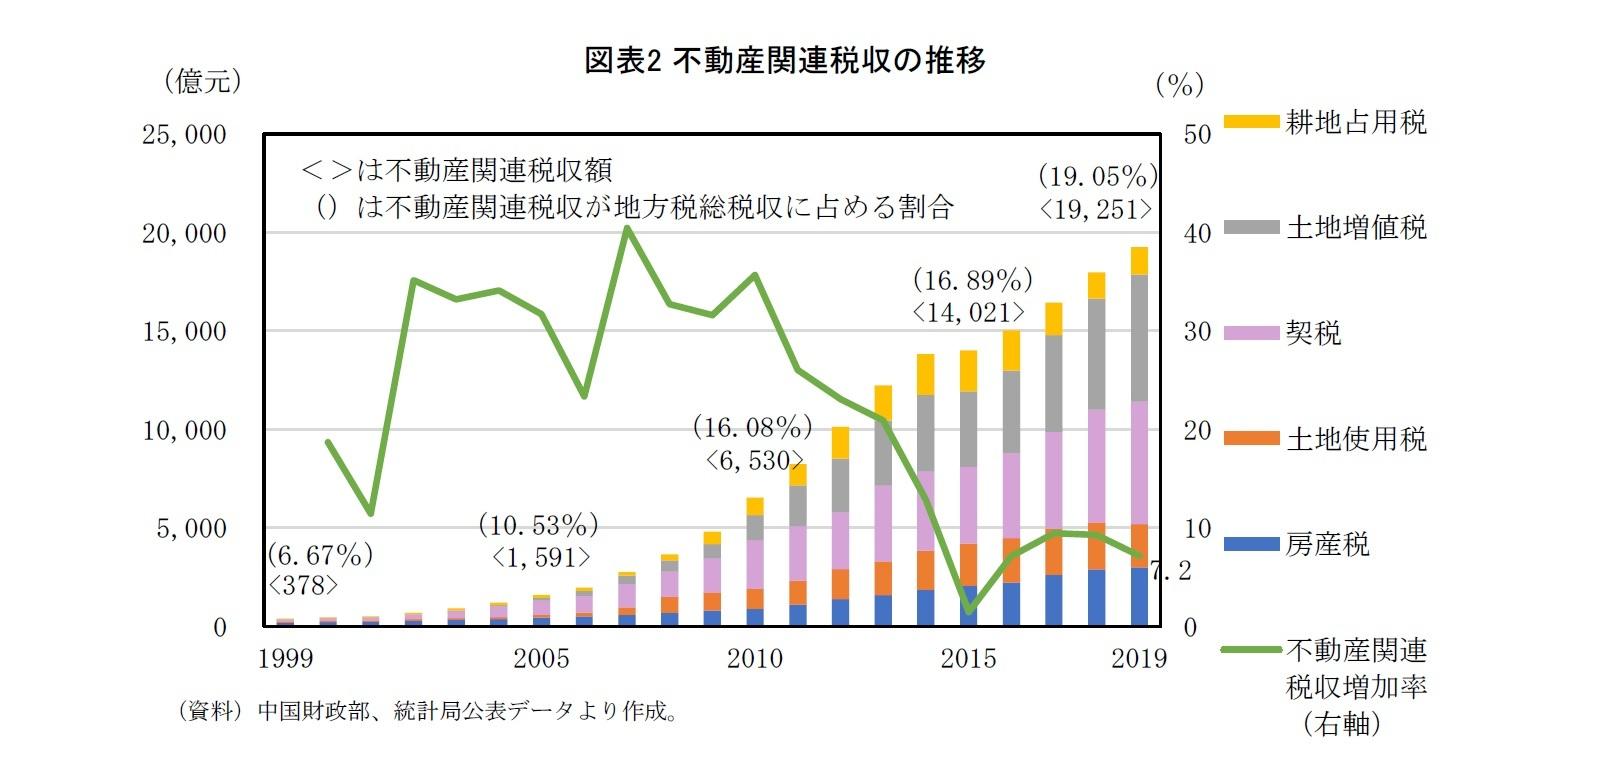 図表2 不動産関連税収の推移